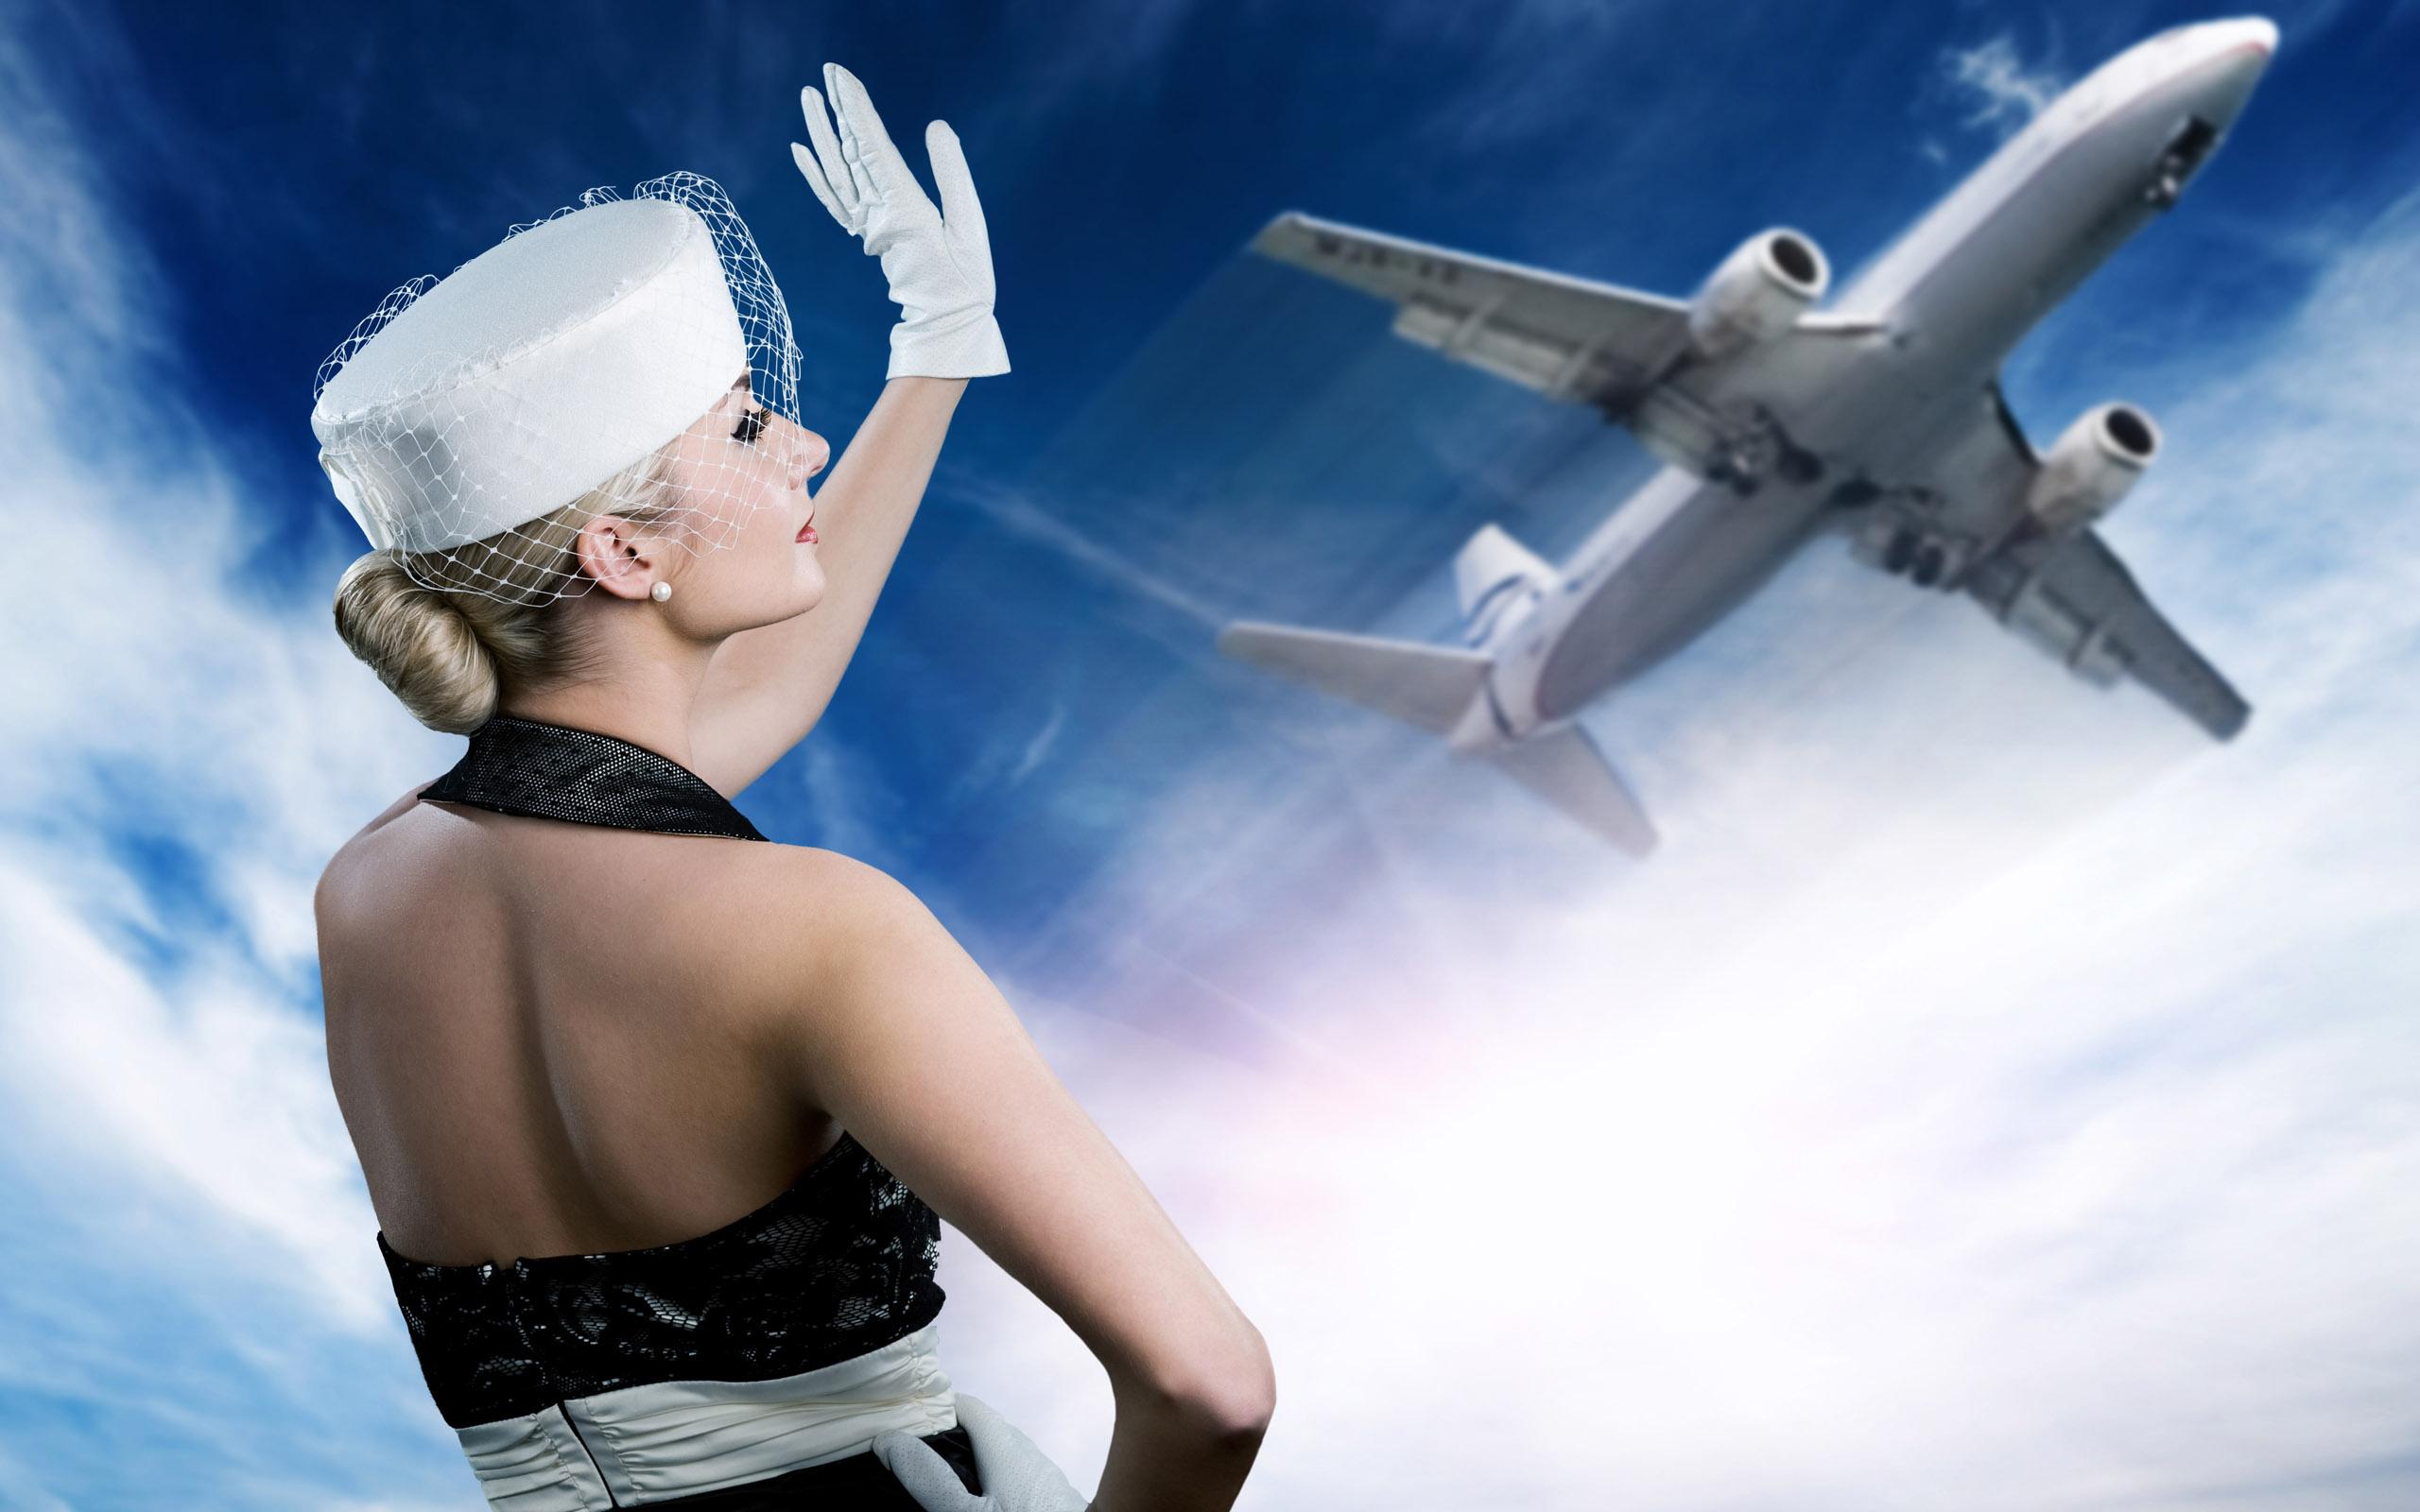 Стюардесса по имени caribbean airlines смотреть онлайн смотреть 25 фотография